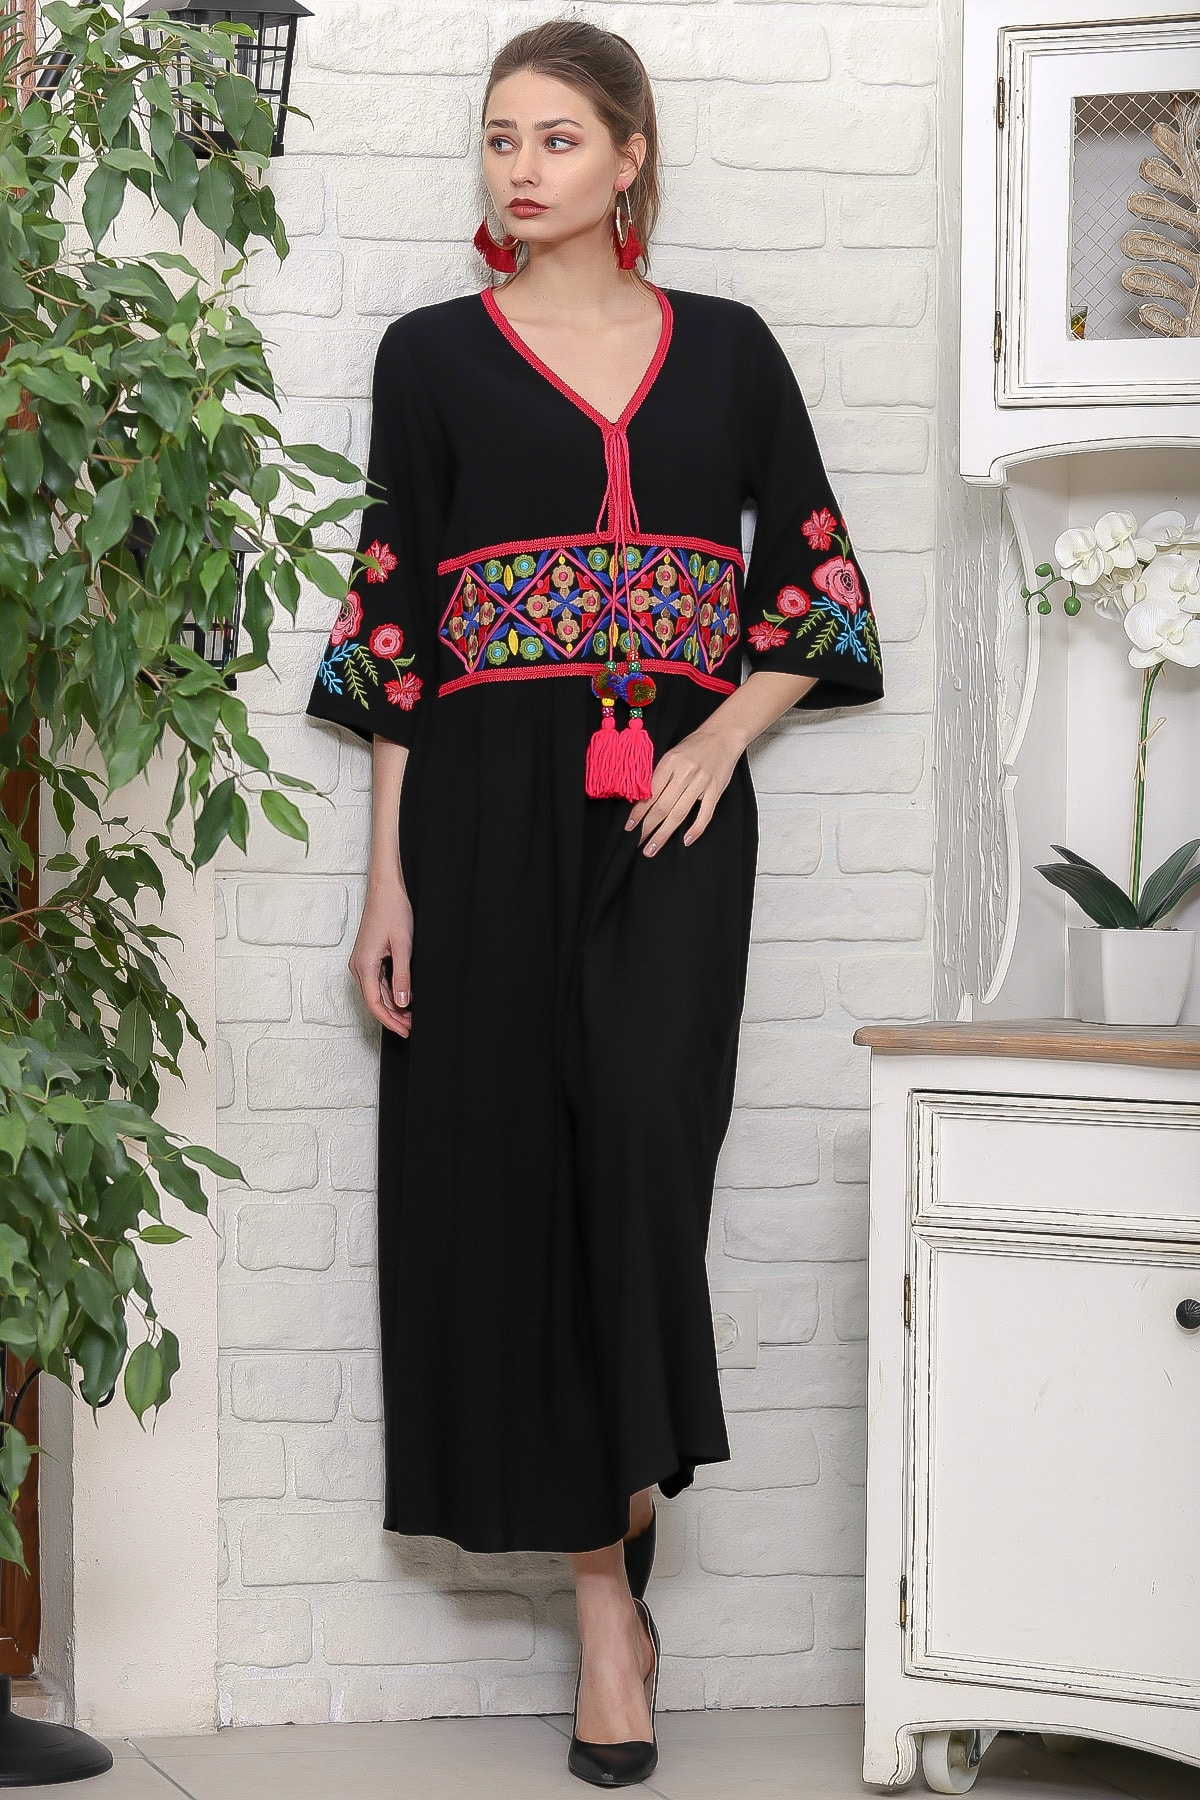 Chiccy Kadın Siyah Beli Ve Kolları Nakışlı Ponponlu Bağcıklı Salaş Dokuma Elbise M10160000EL95920 1